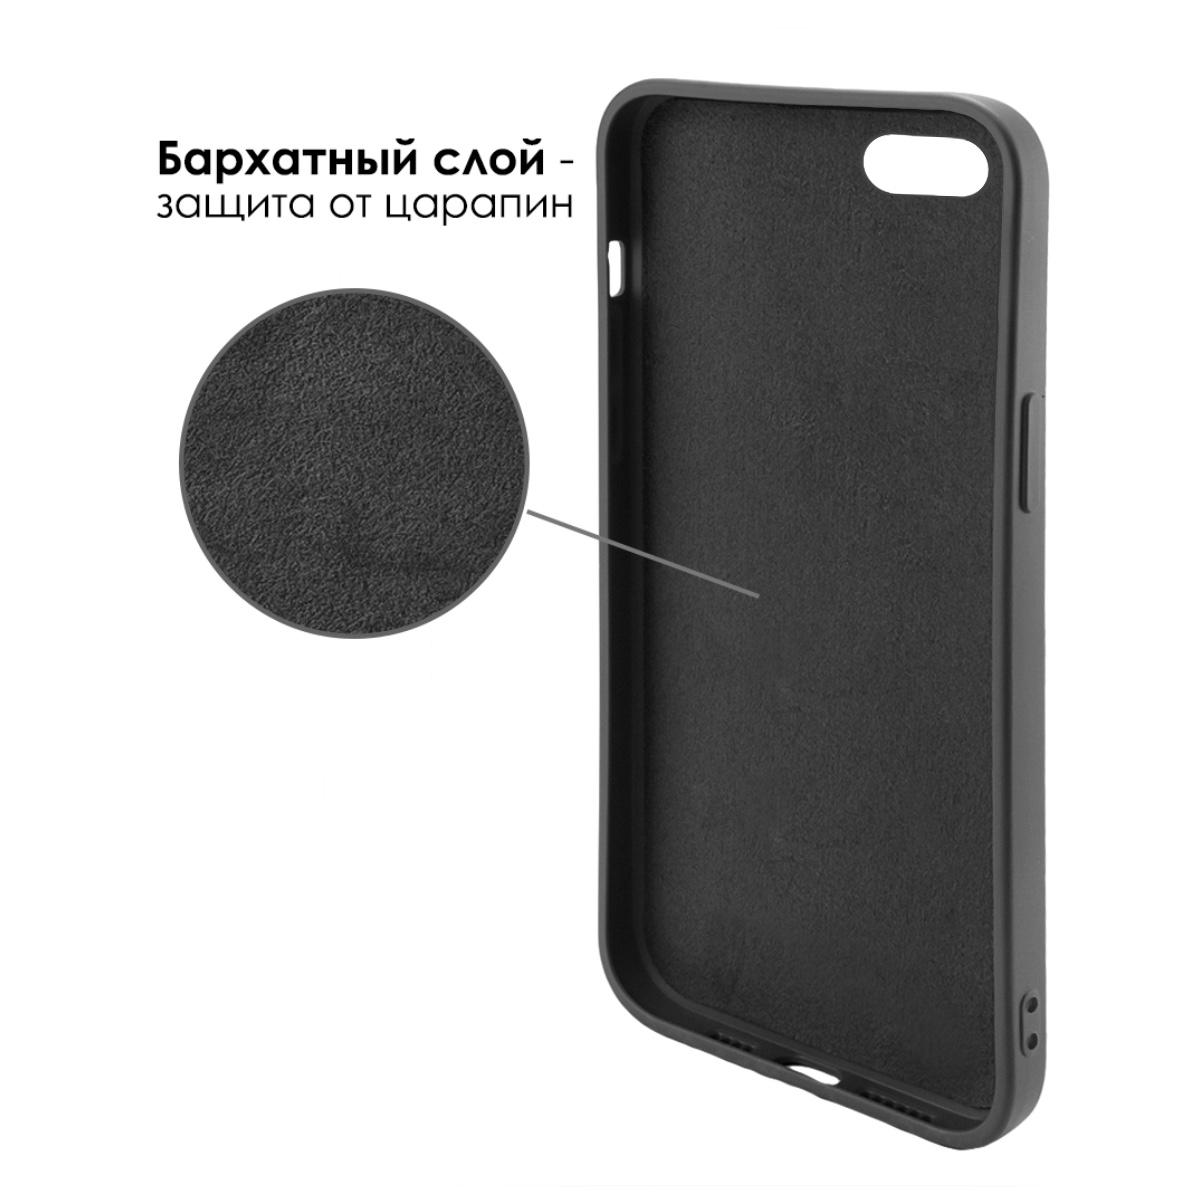 Черный силиконовый чехол для iPhone 7/8/SE2020 Monopoly Boxing Монополия Боксер для Айфон 7/8/СЕ2020